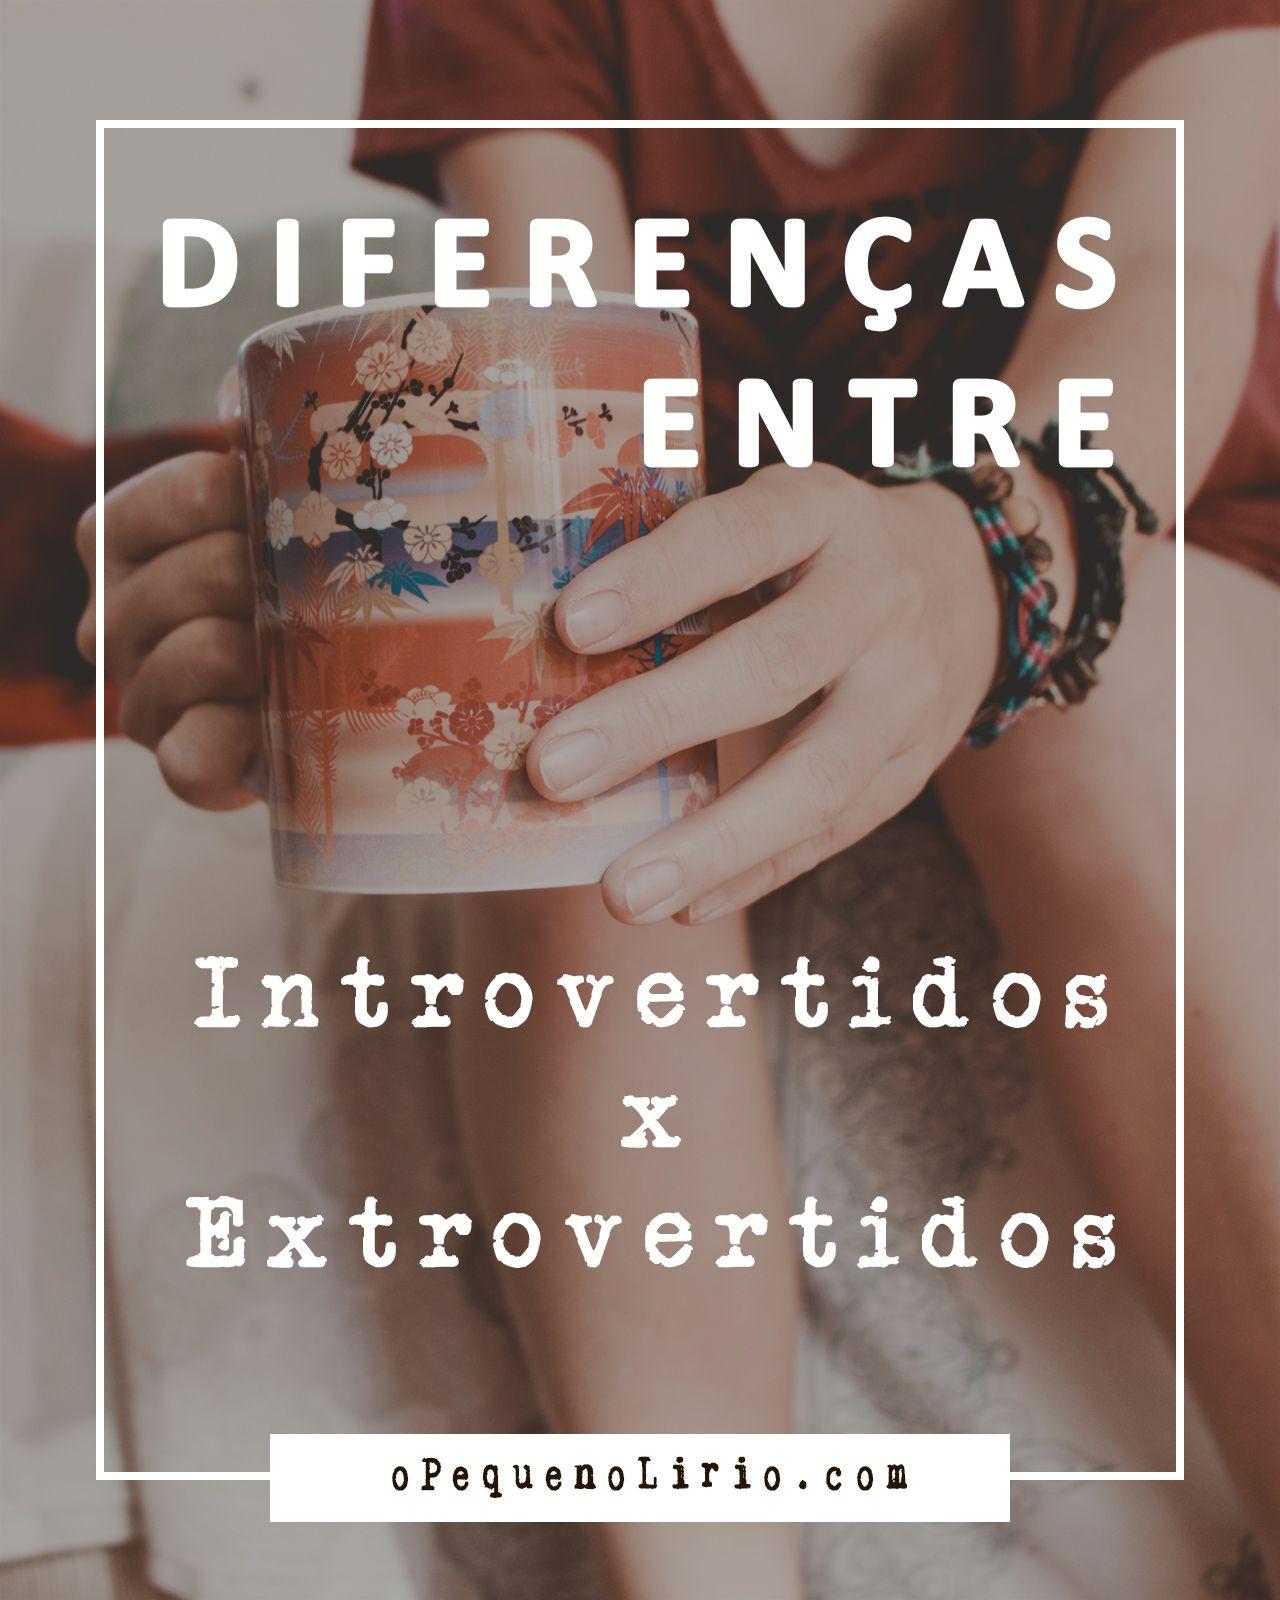 diferenças entre Introvertidos x Extrovertidos